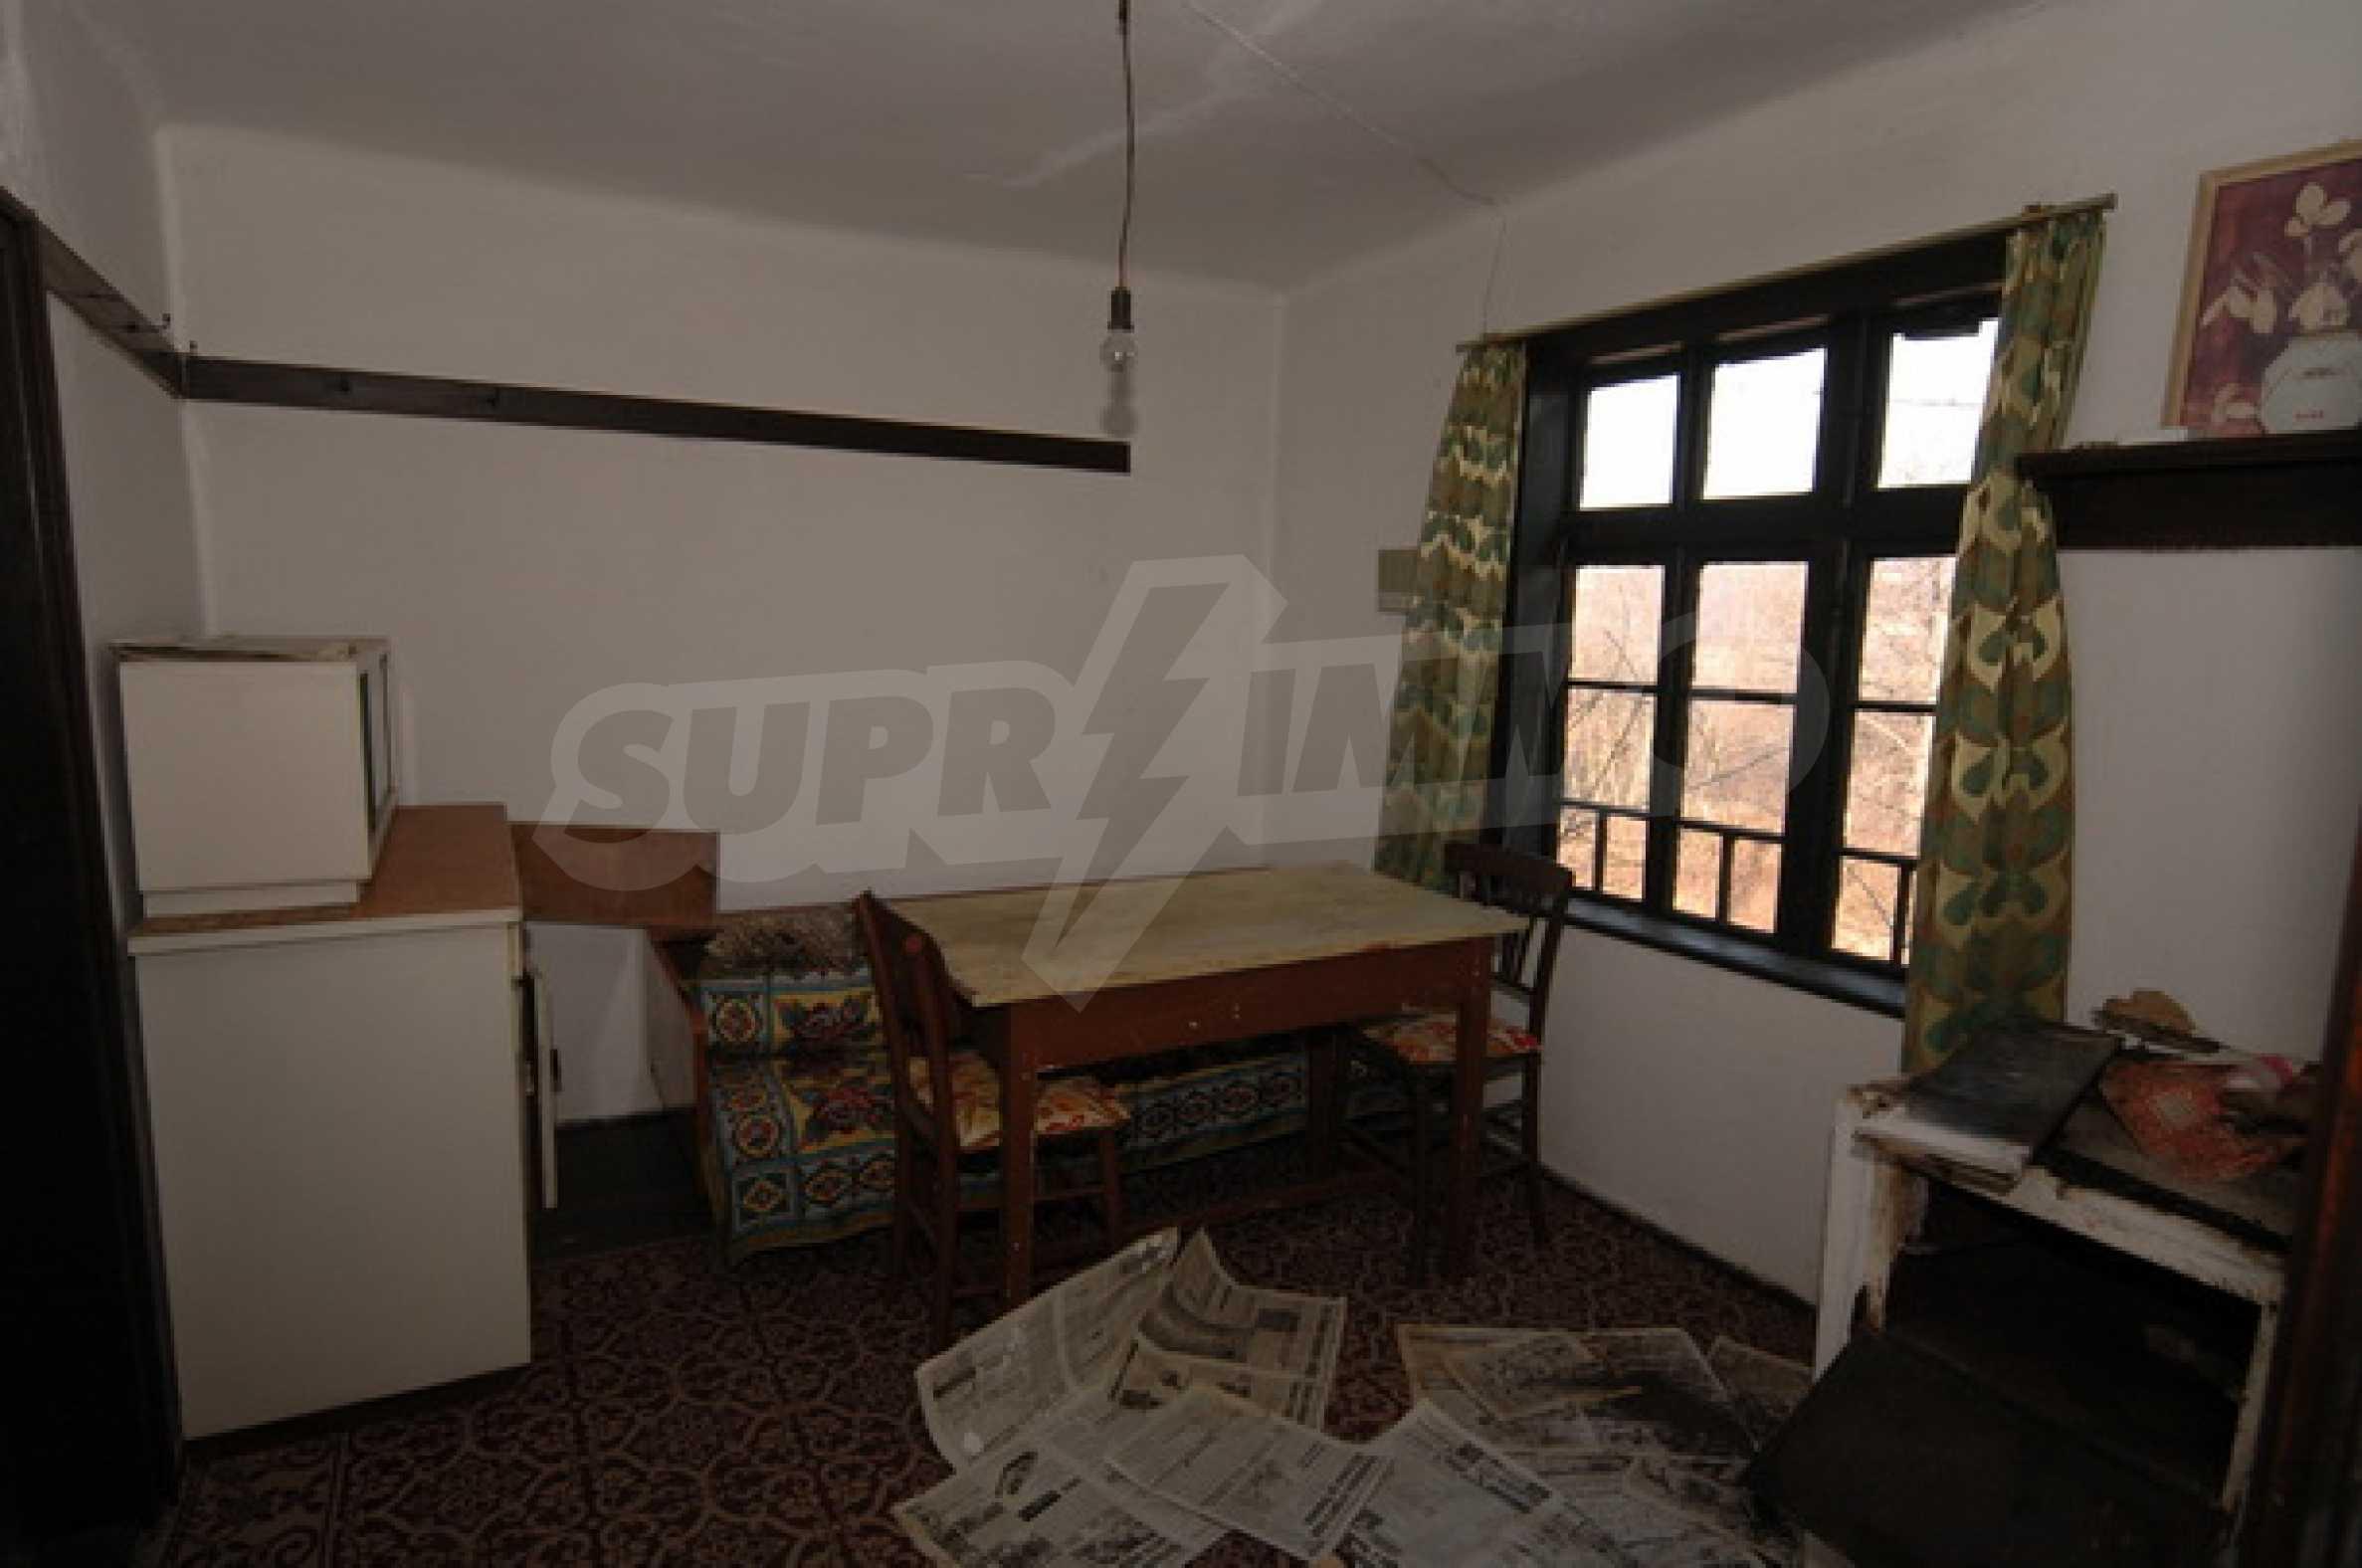 Zweistöckiges Haus in sehr attraktiver Lage 5